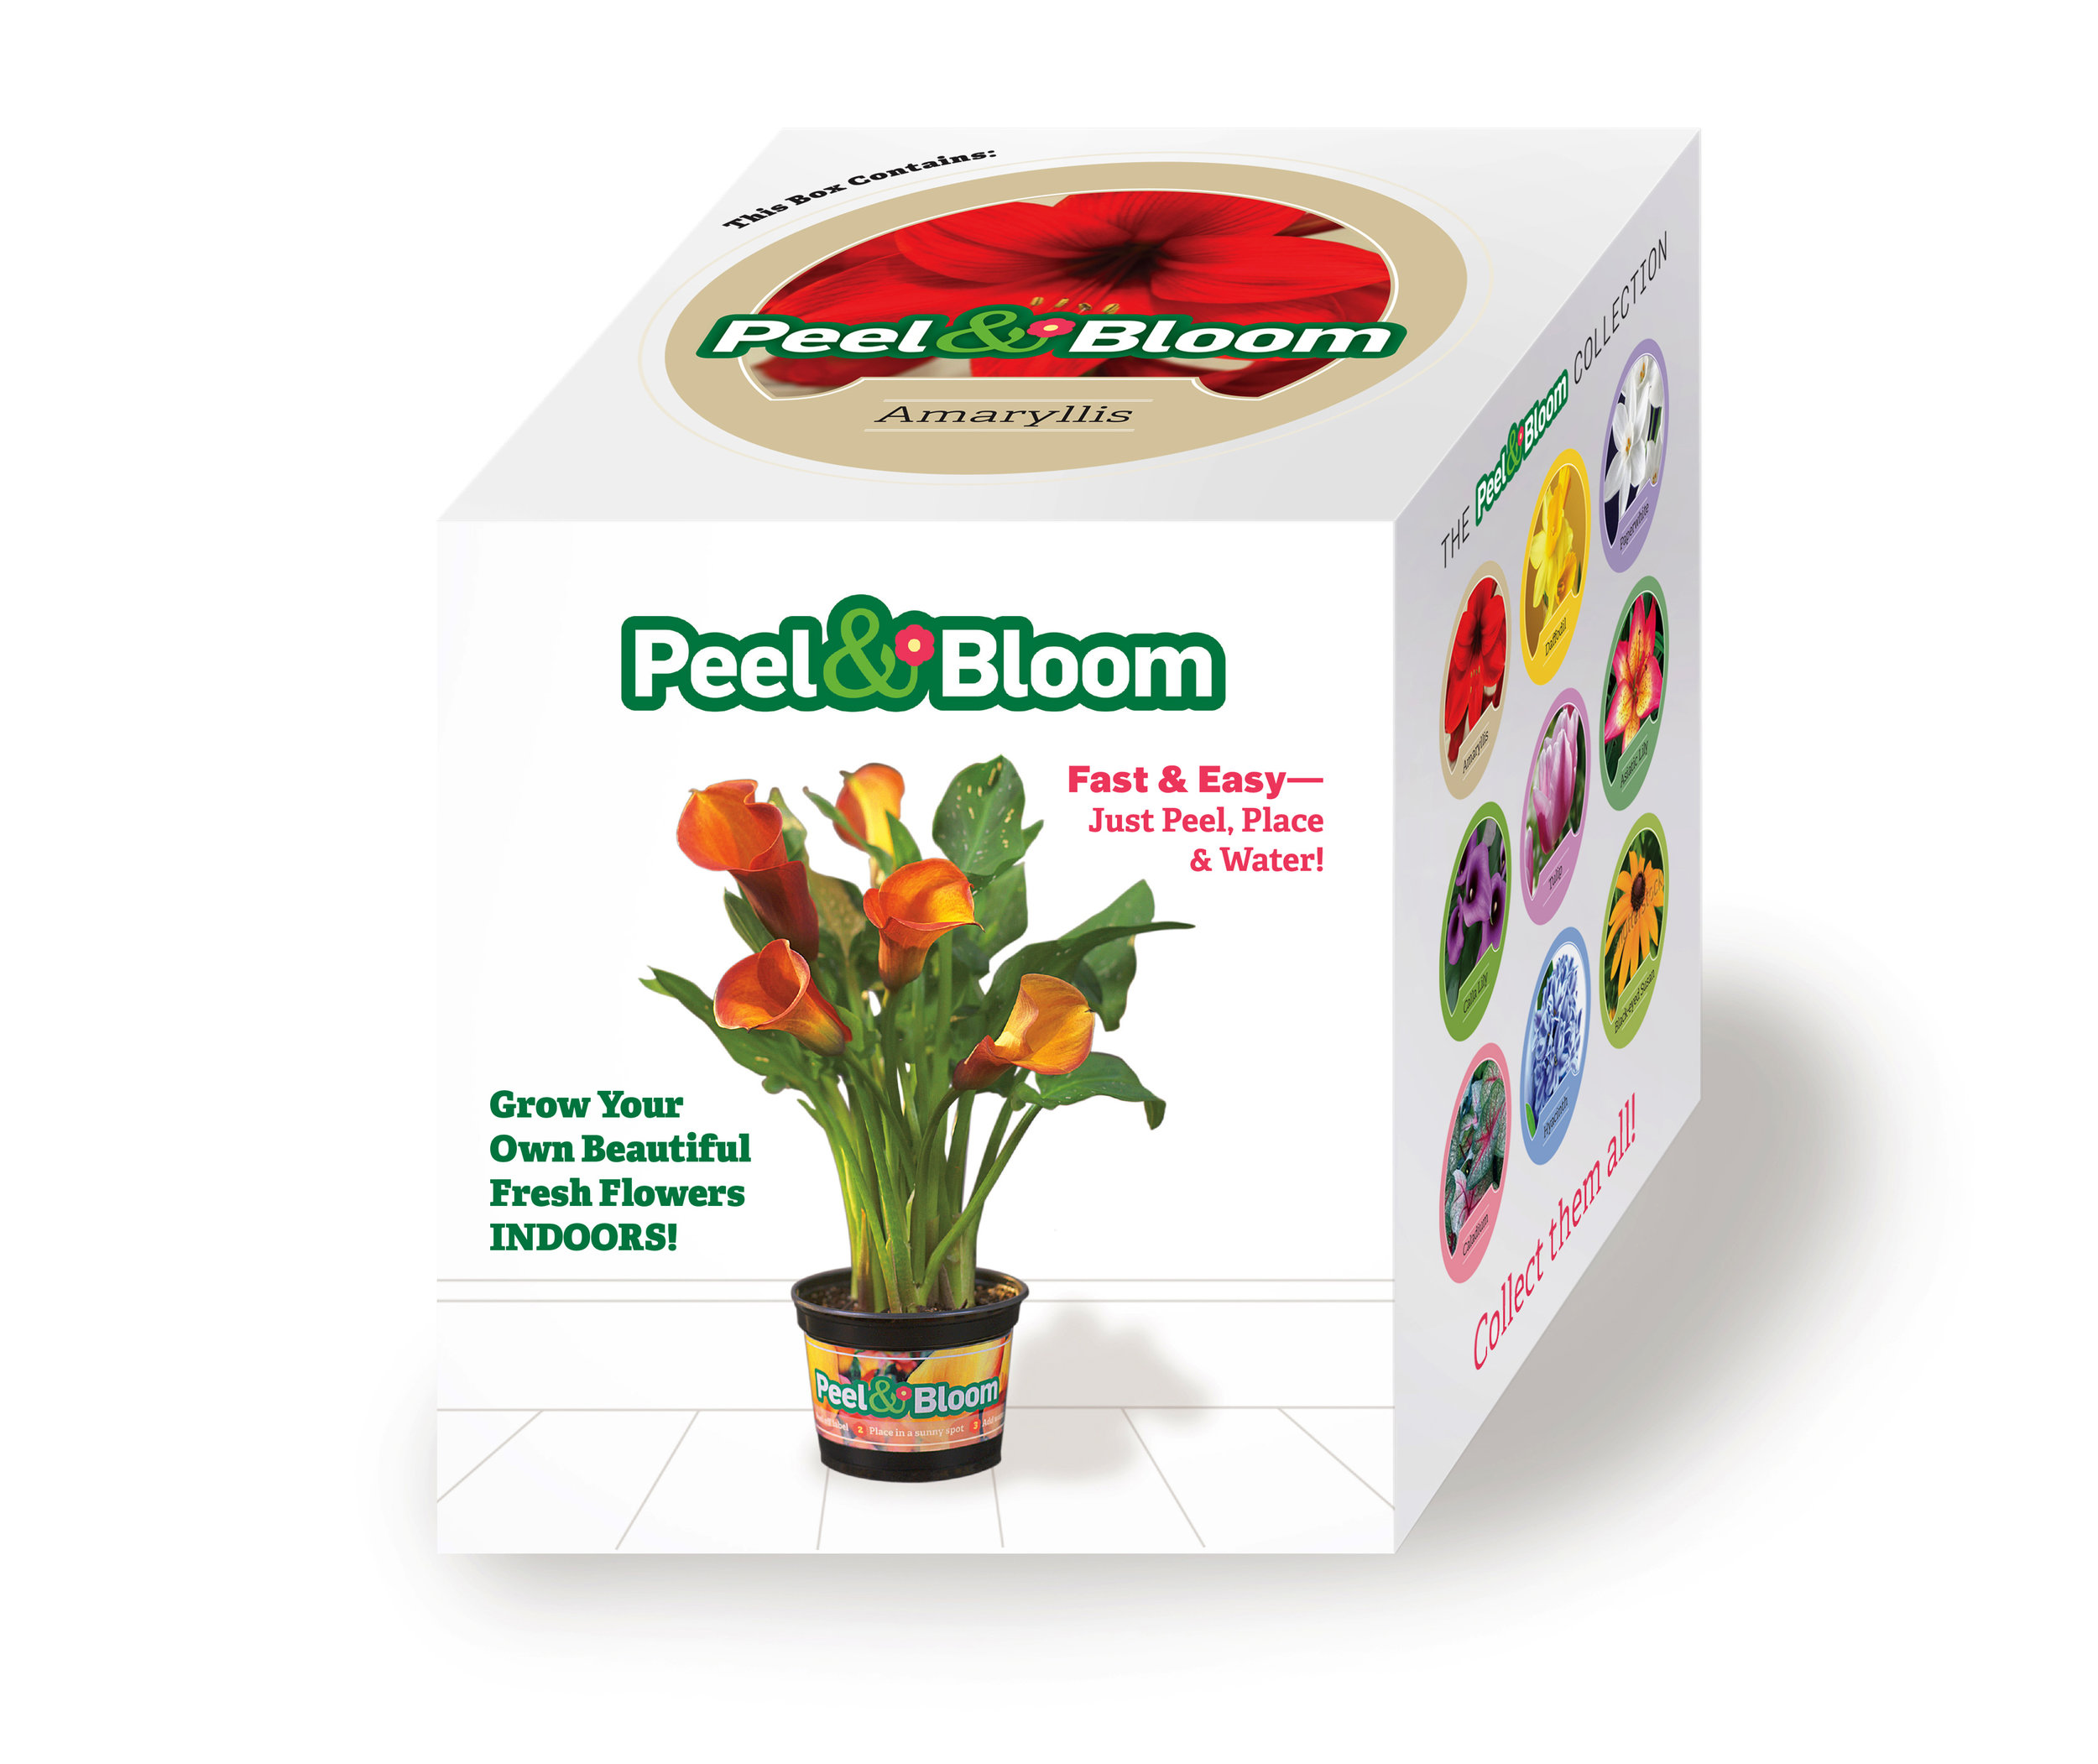 Peel & Bloom box.jpg